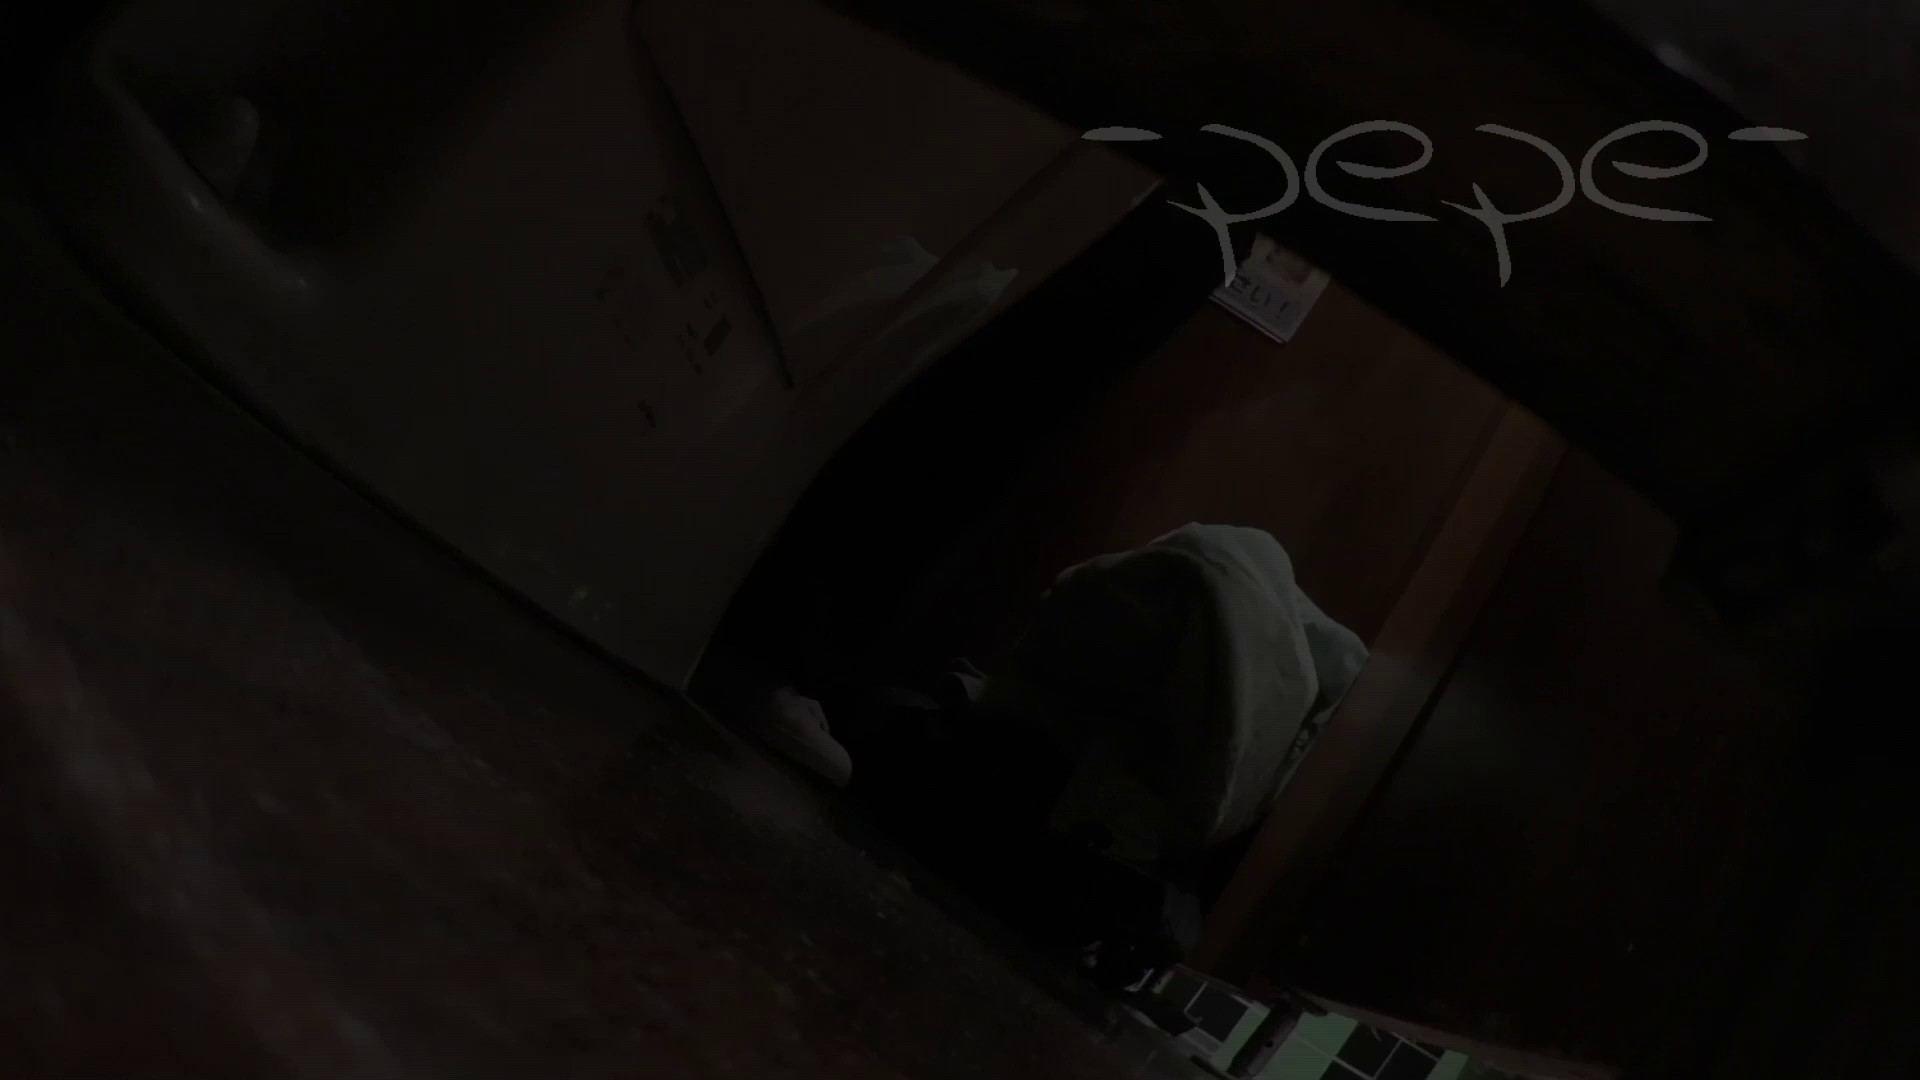 無料アダルト動画:至高洗面所盗撮 29 至高店内撮り 見せますpepeの技!!:怪盗ジョーカー